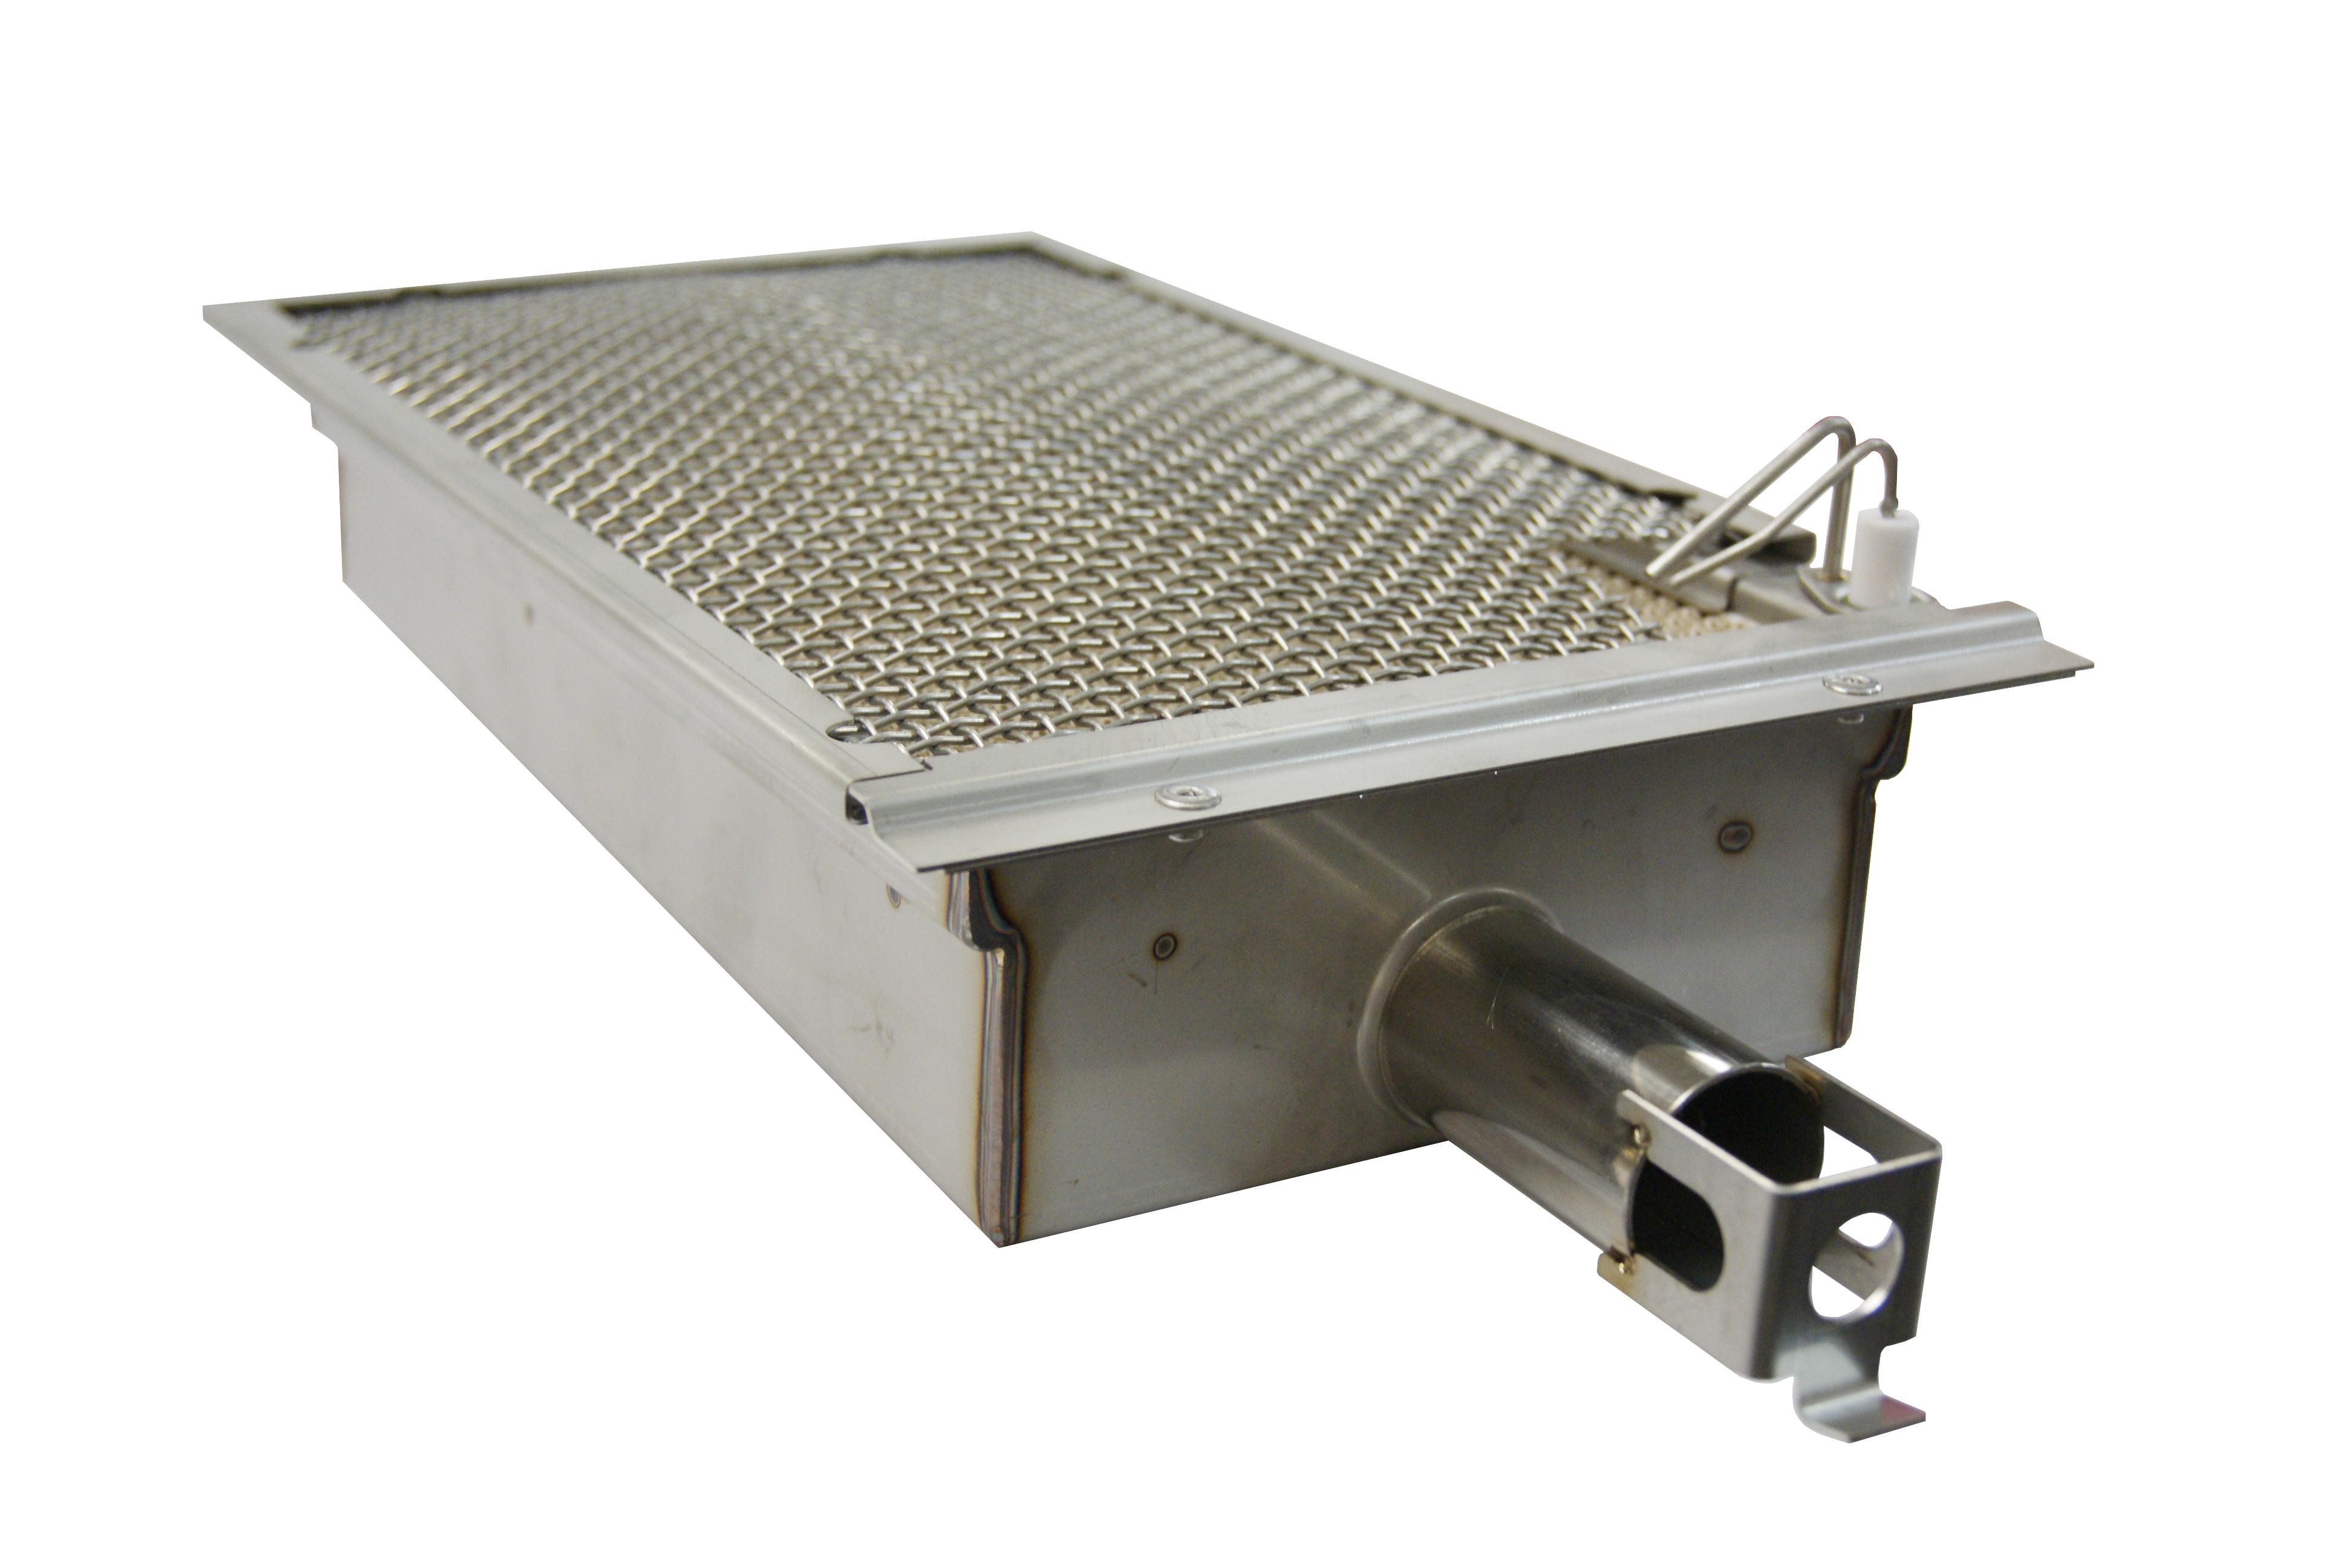 aog-irb-18-infra-red-burner-system.jpg